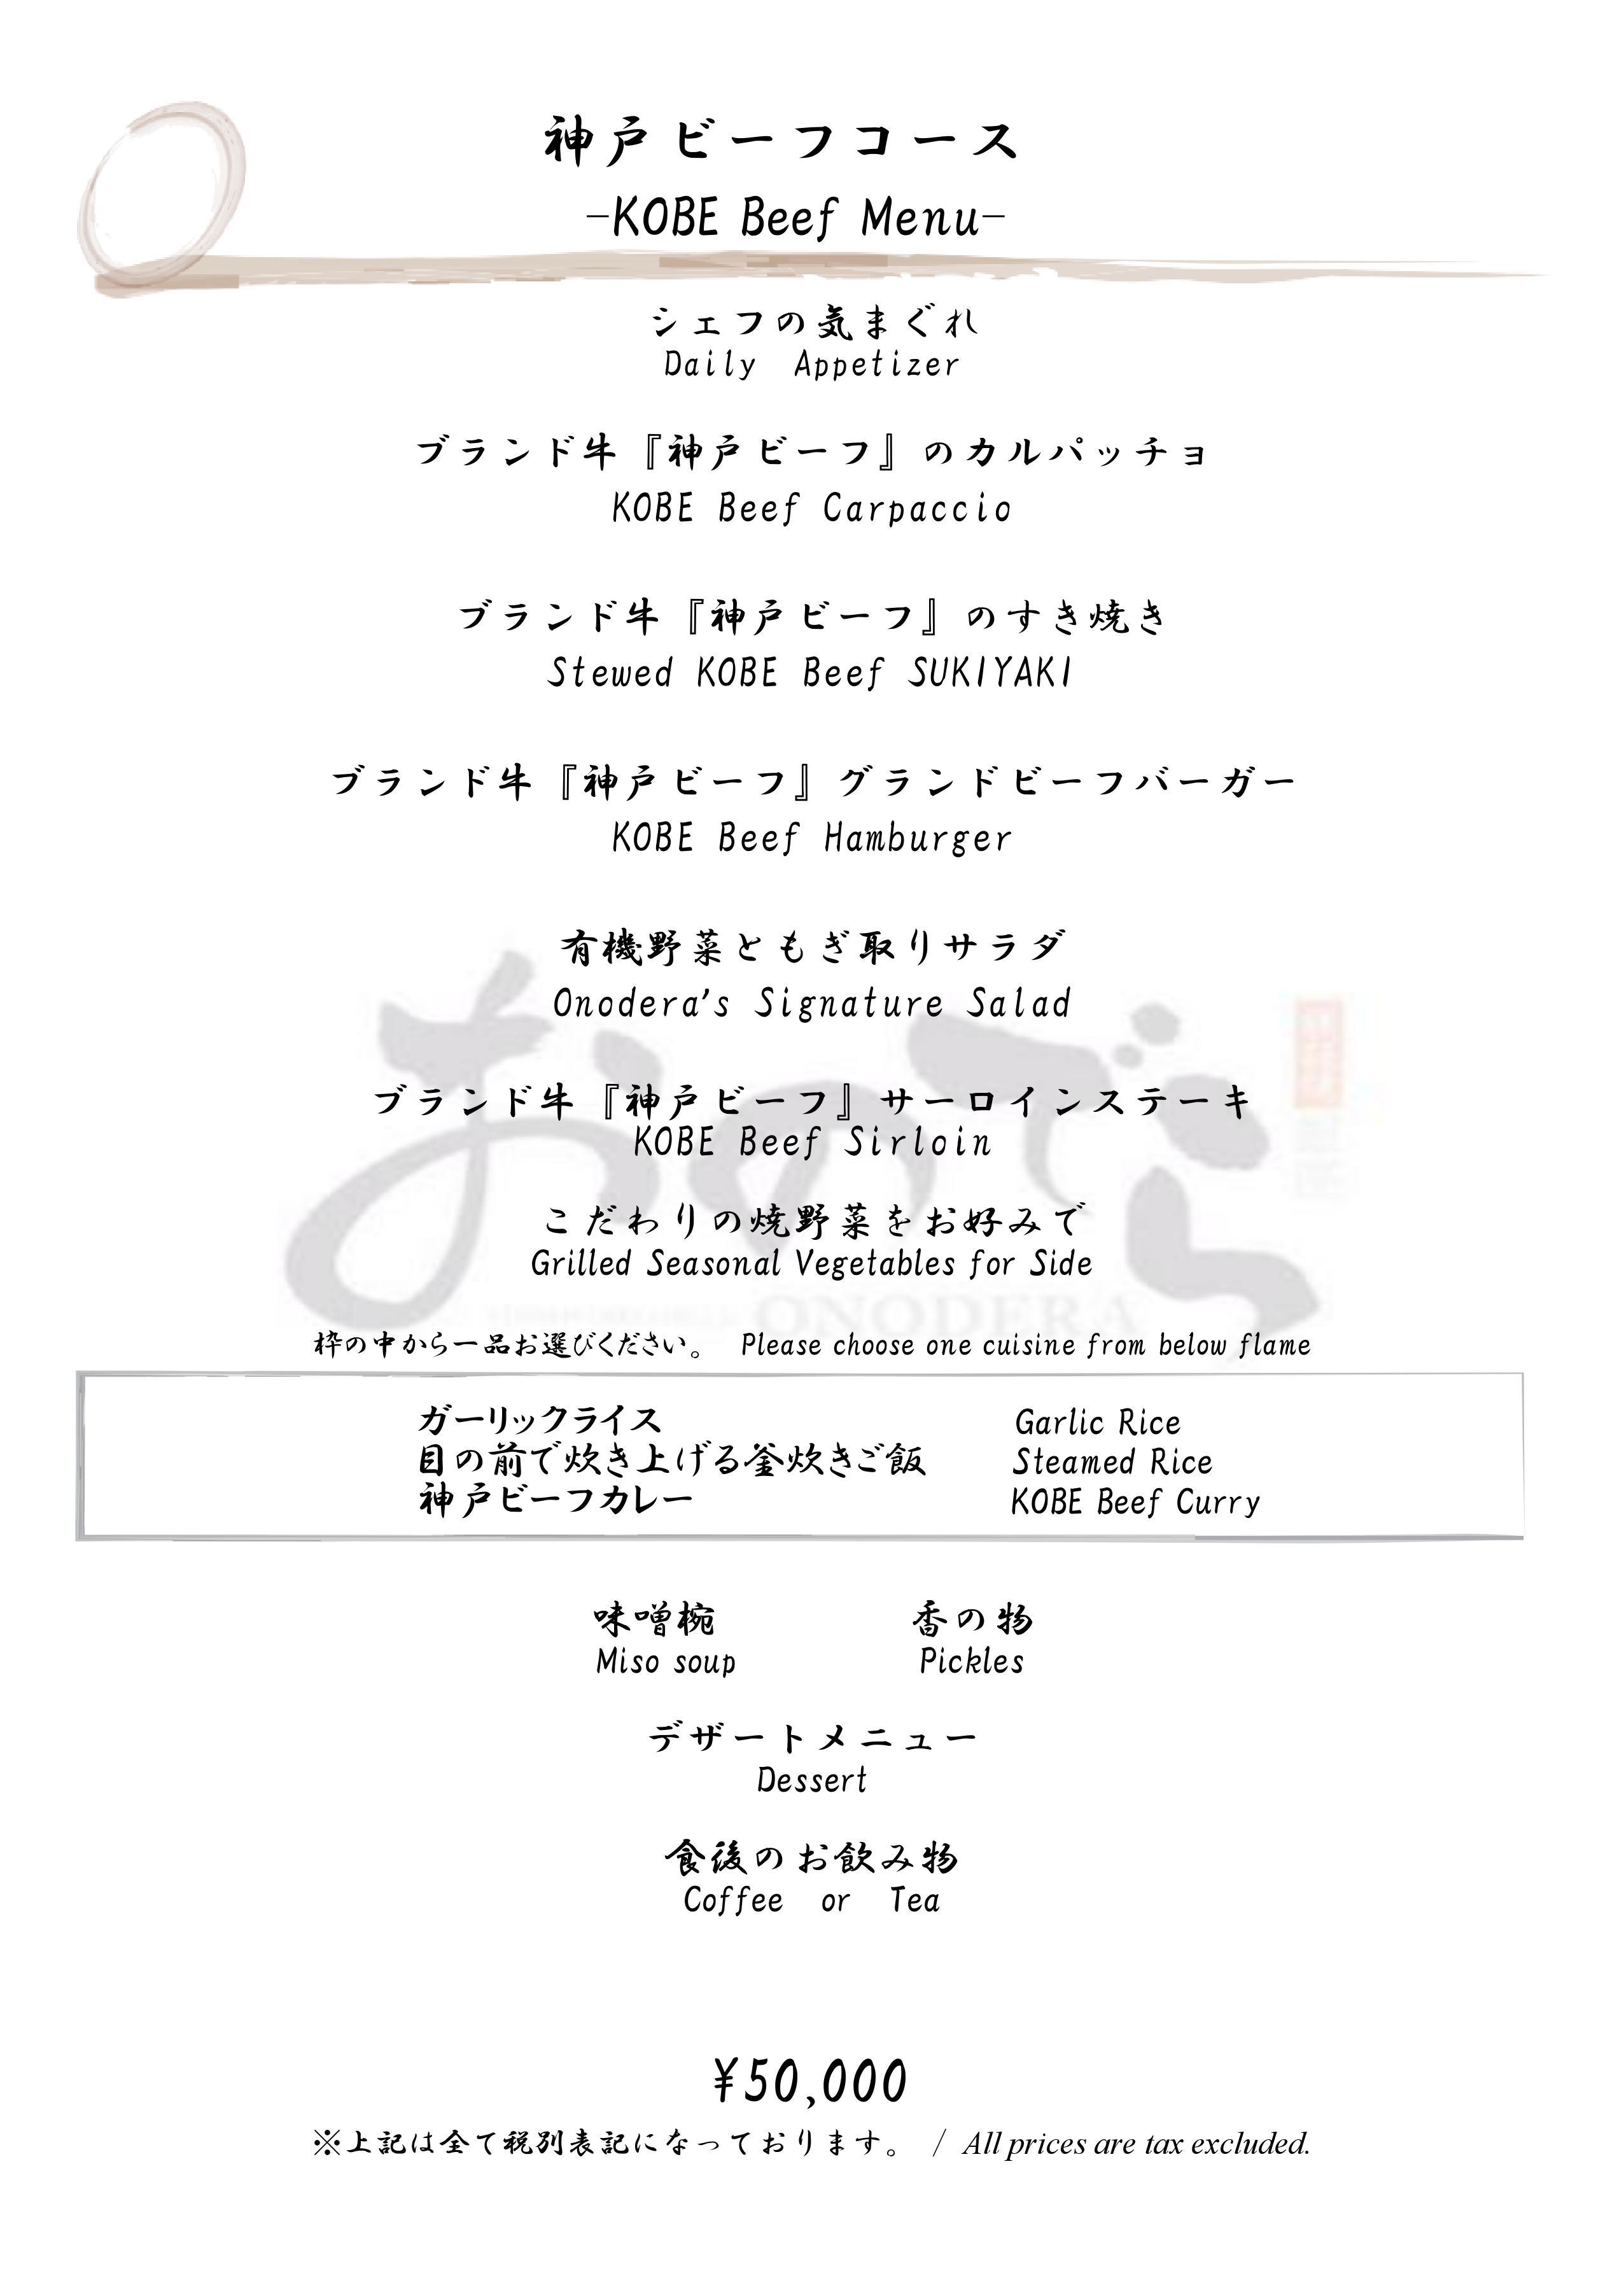 鉄板焼 [銀座店] ディナーメニュー12